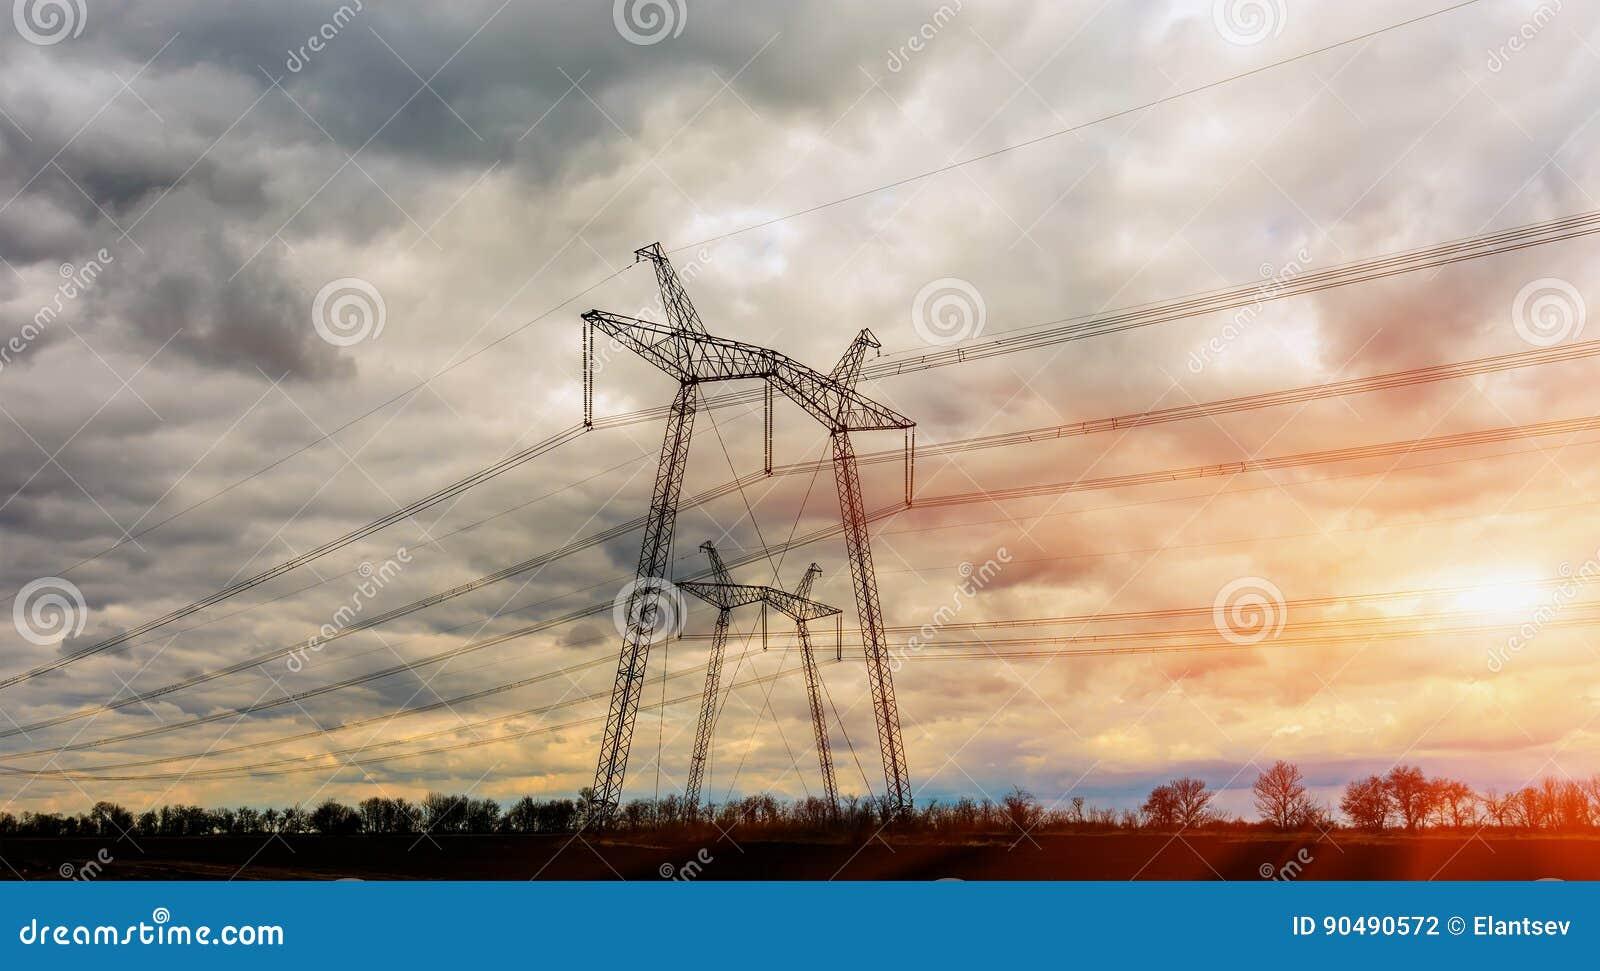 Elektricitetspylon - över huvudet kraftledningöverföringstorn